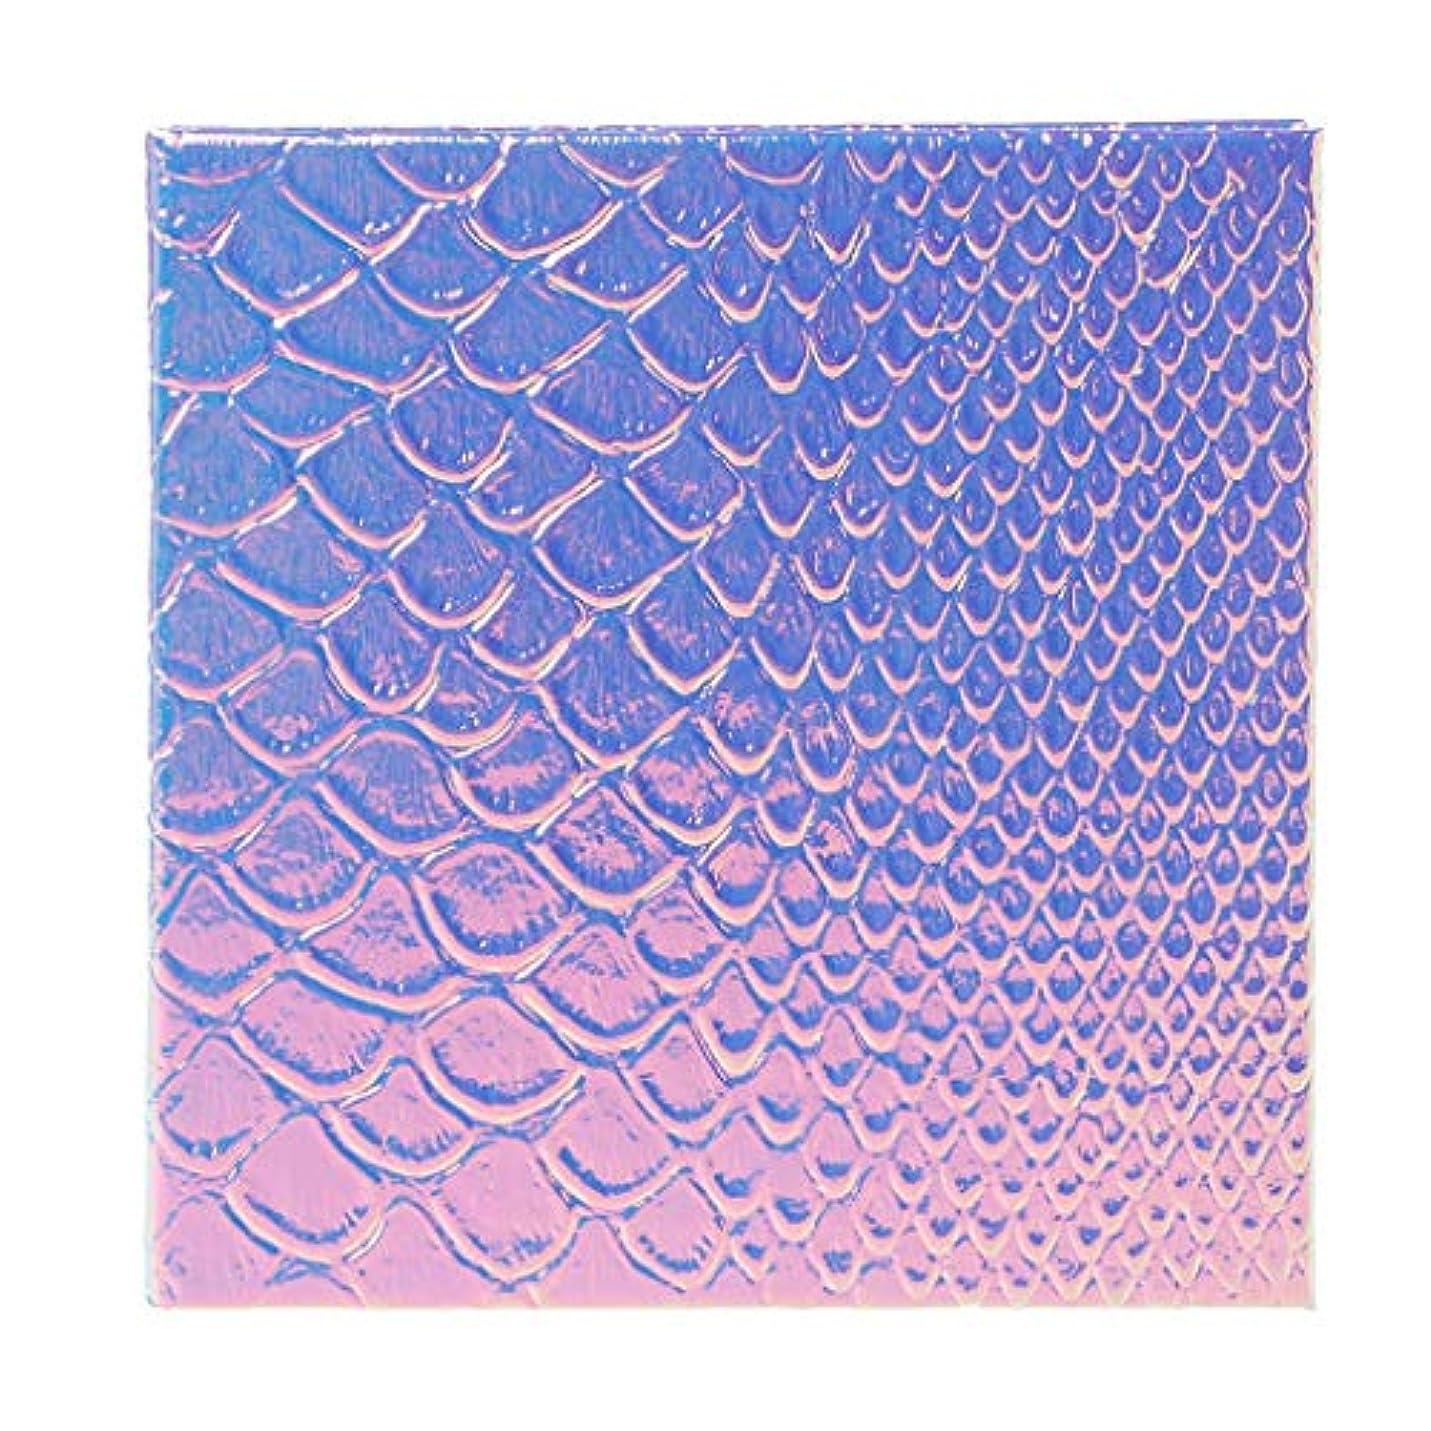 宿る想像力リフトLamdoo魚スケール空磁気化粧パレットdiyアイシャドーコンシーラーケースホルダー - 2#